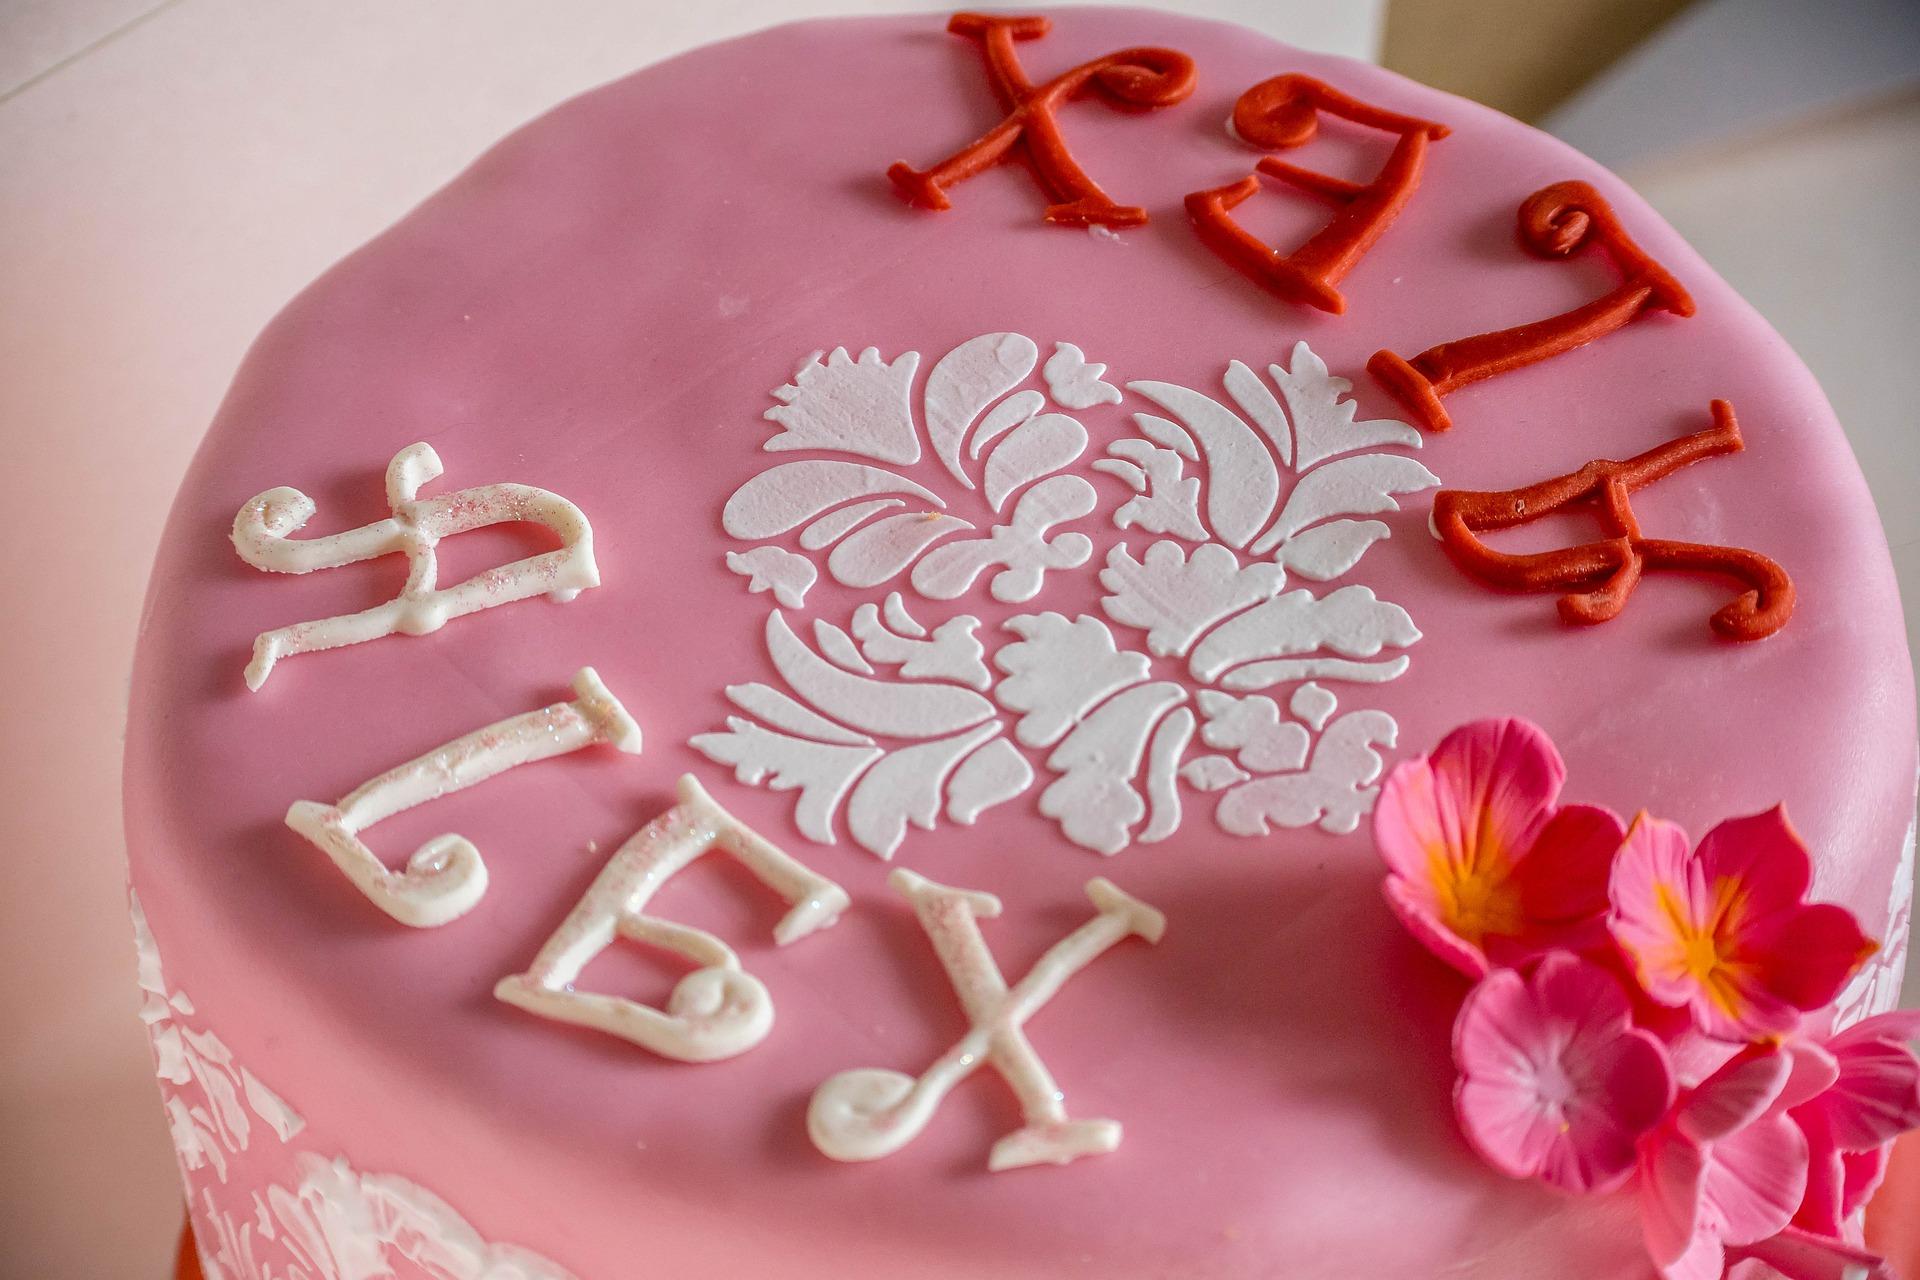 Las tartas fondant son siempre un exclusivo postre